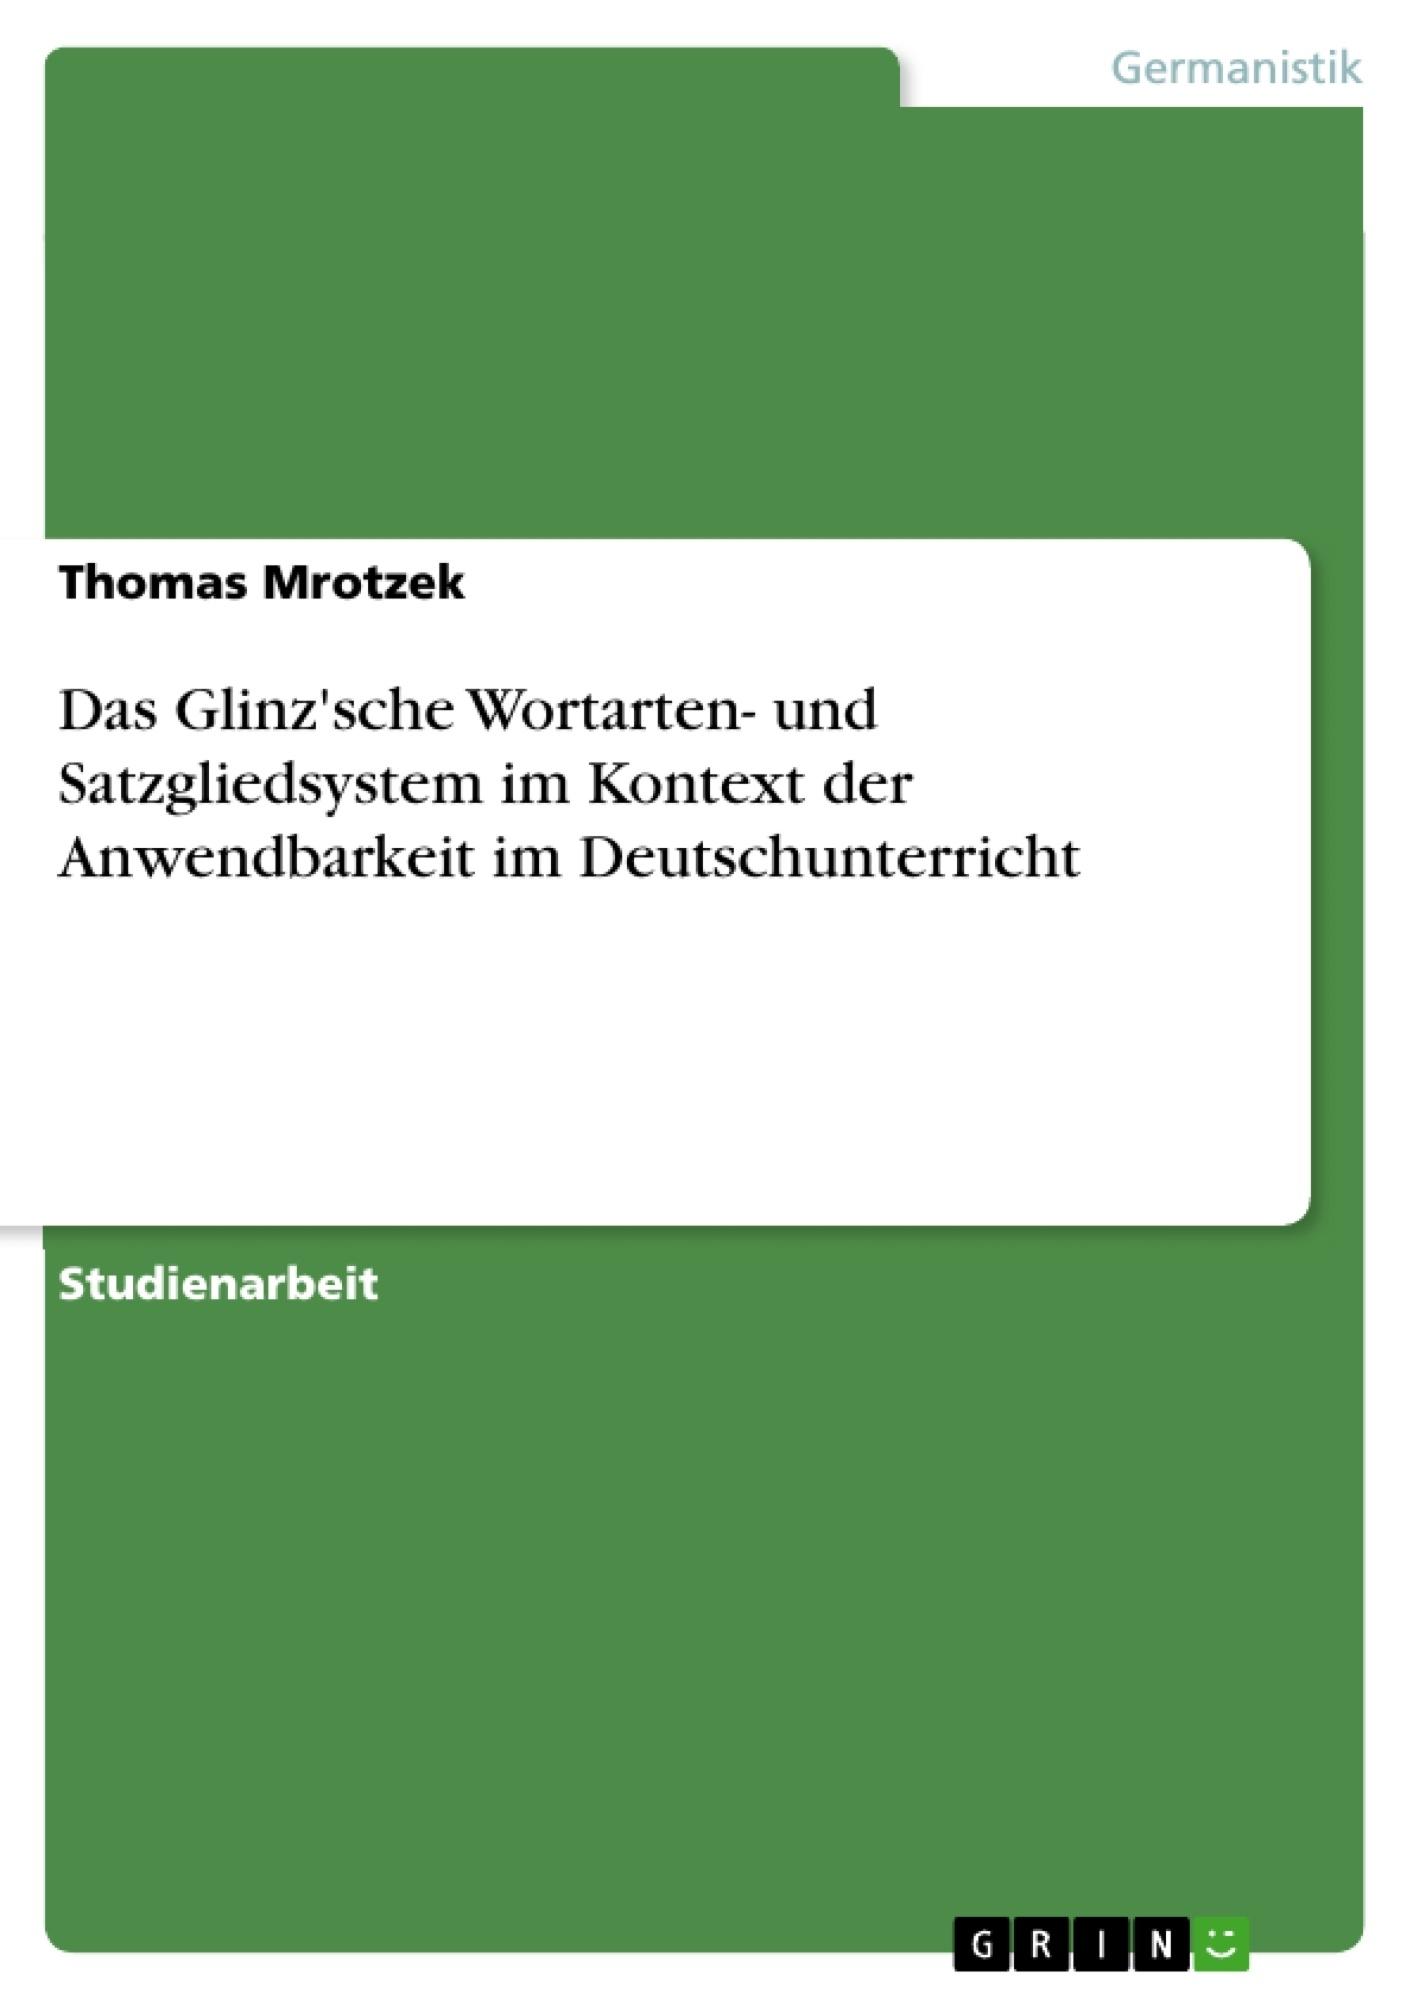 Titel: Das Glinz'sche Wortarten- und Satzgliedsystem im Kontext der Anwendbarkeit im Deutschunterricht